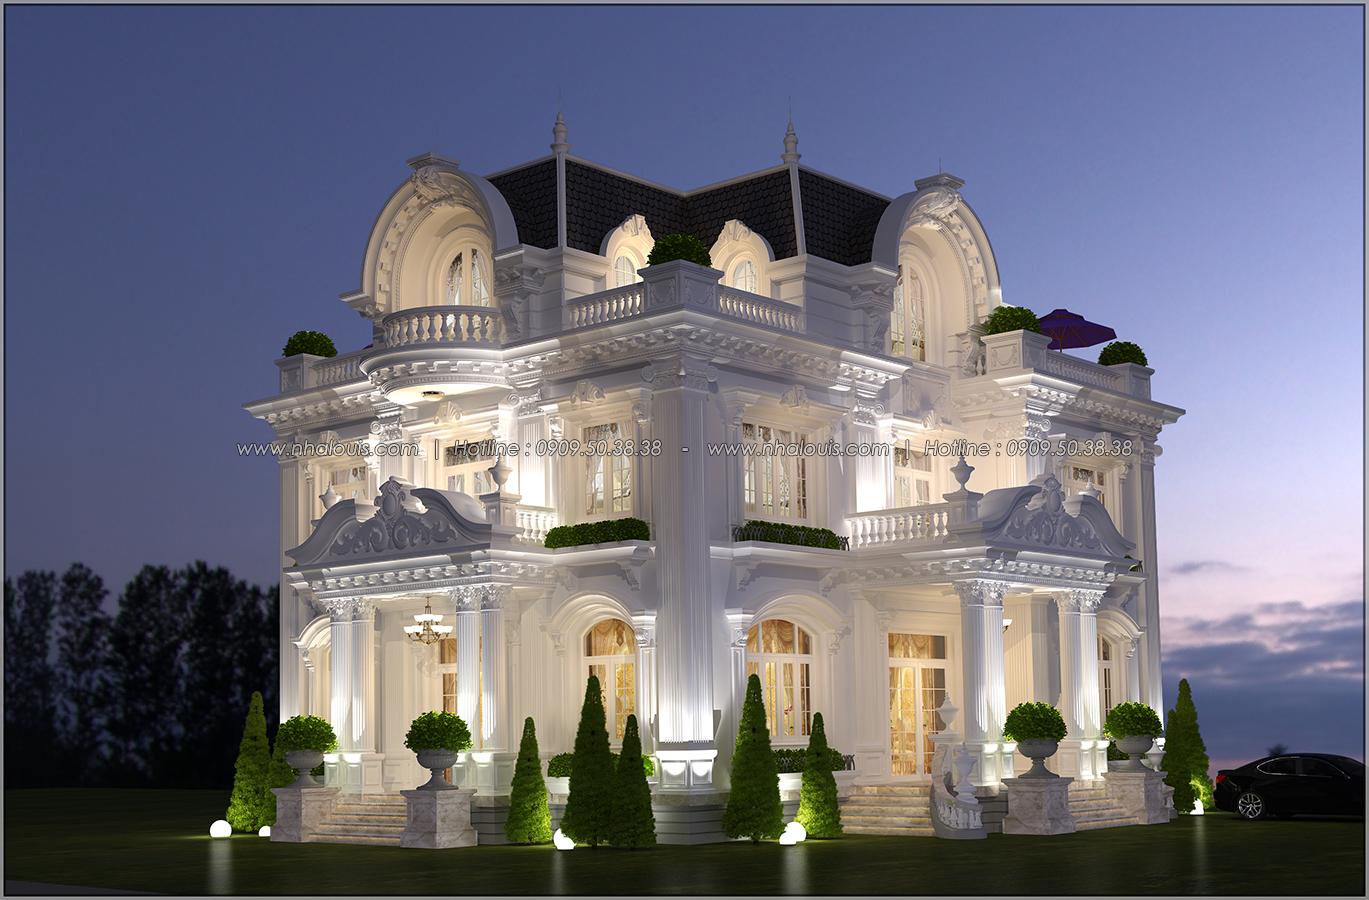 Mê mẩn với thiết kế biệt thự kiểu Pháp tại Biên Hòa đẹp kiêu sa, diễm lệ